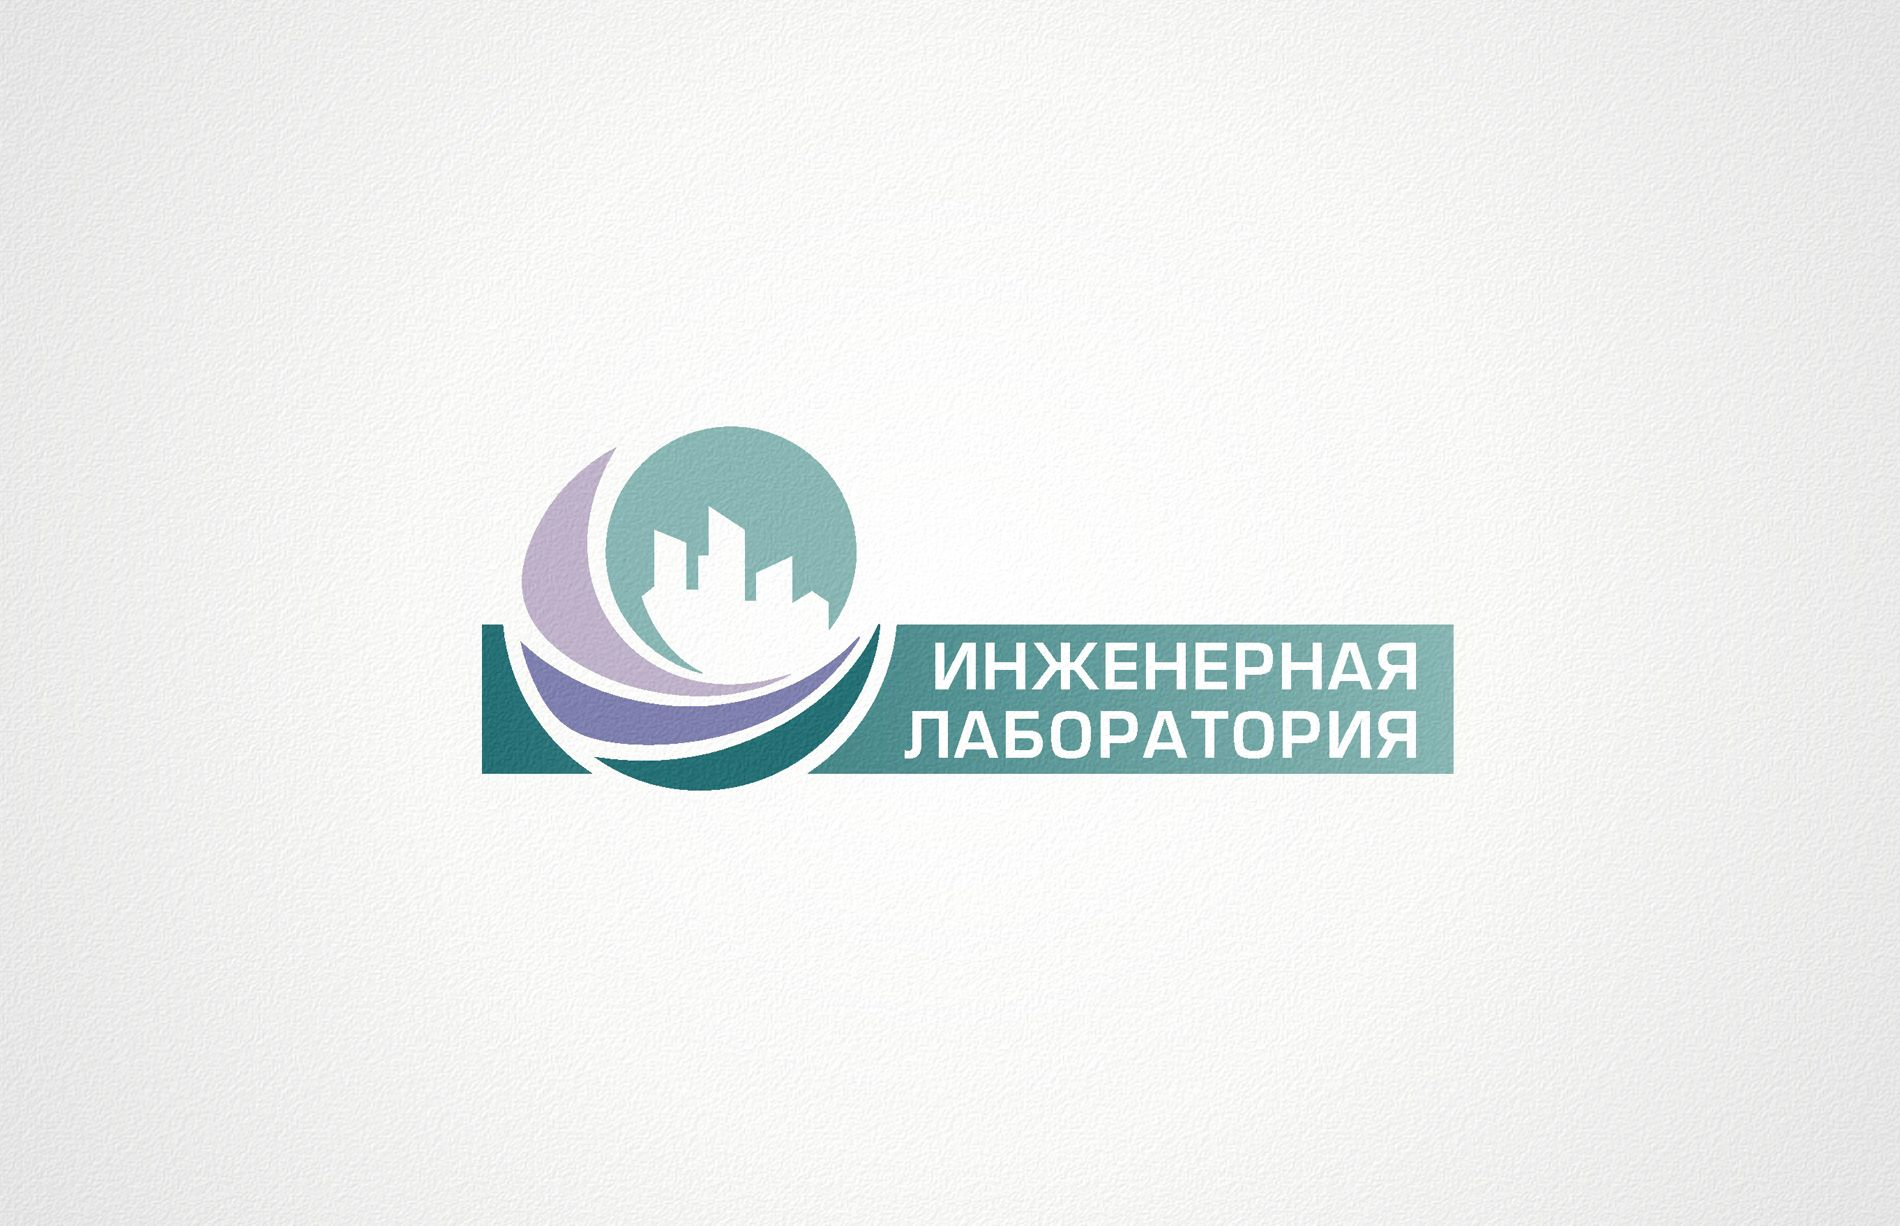 Лого и фирменный стиль для Инженерная лаборатория  - дизайнер Zheravin